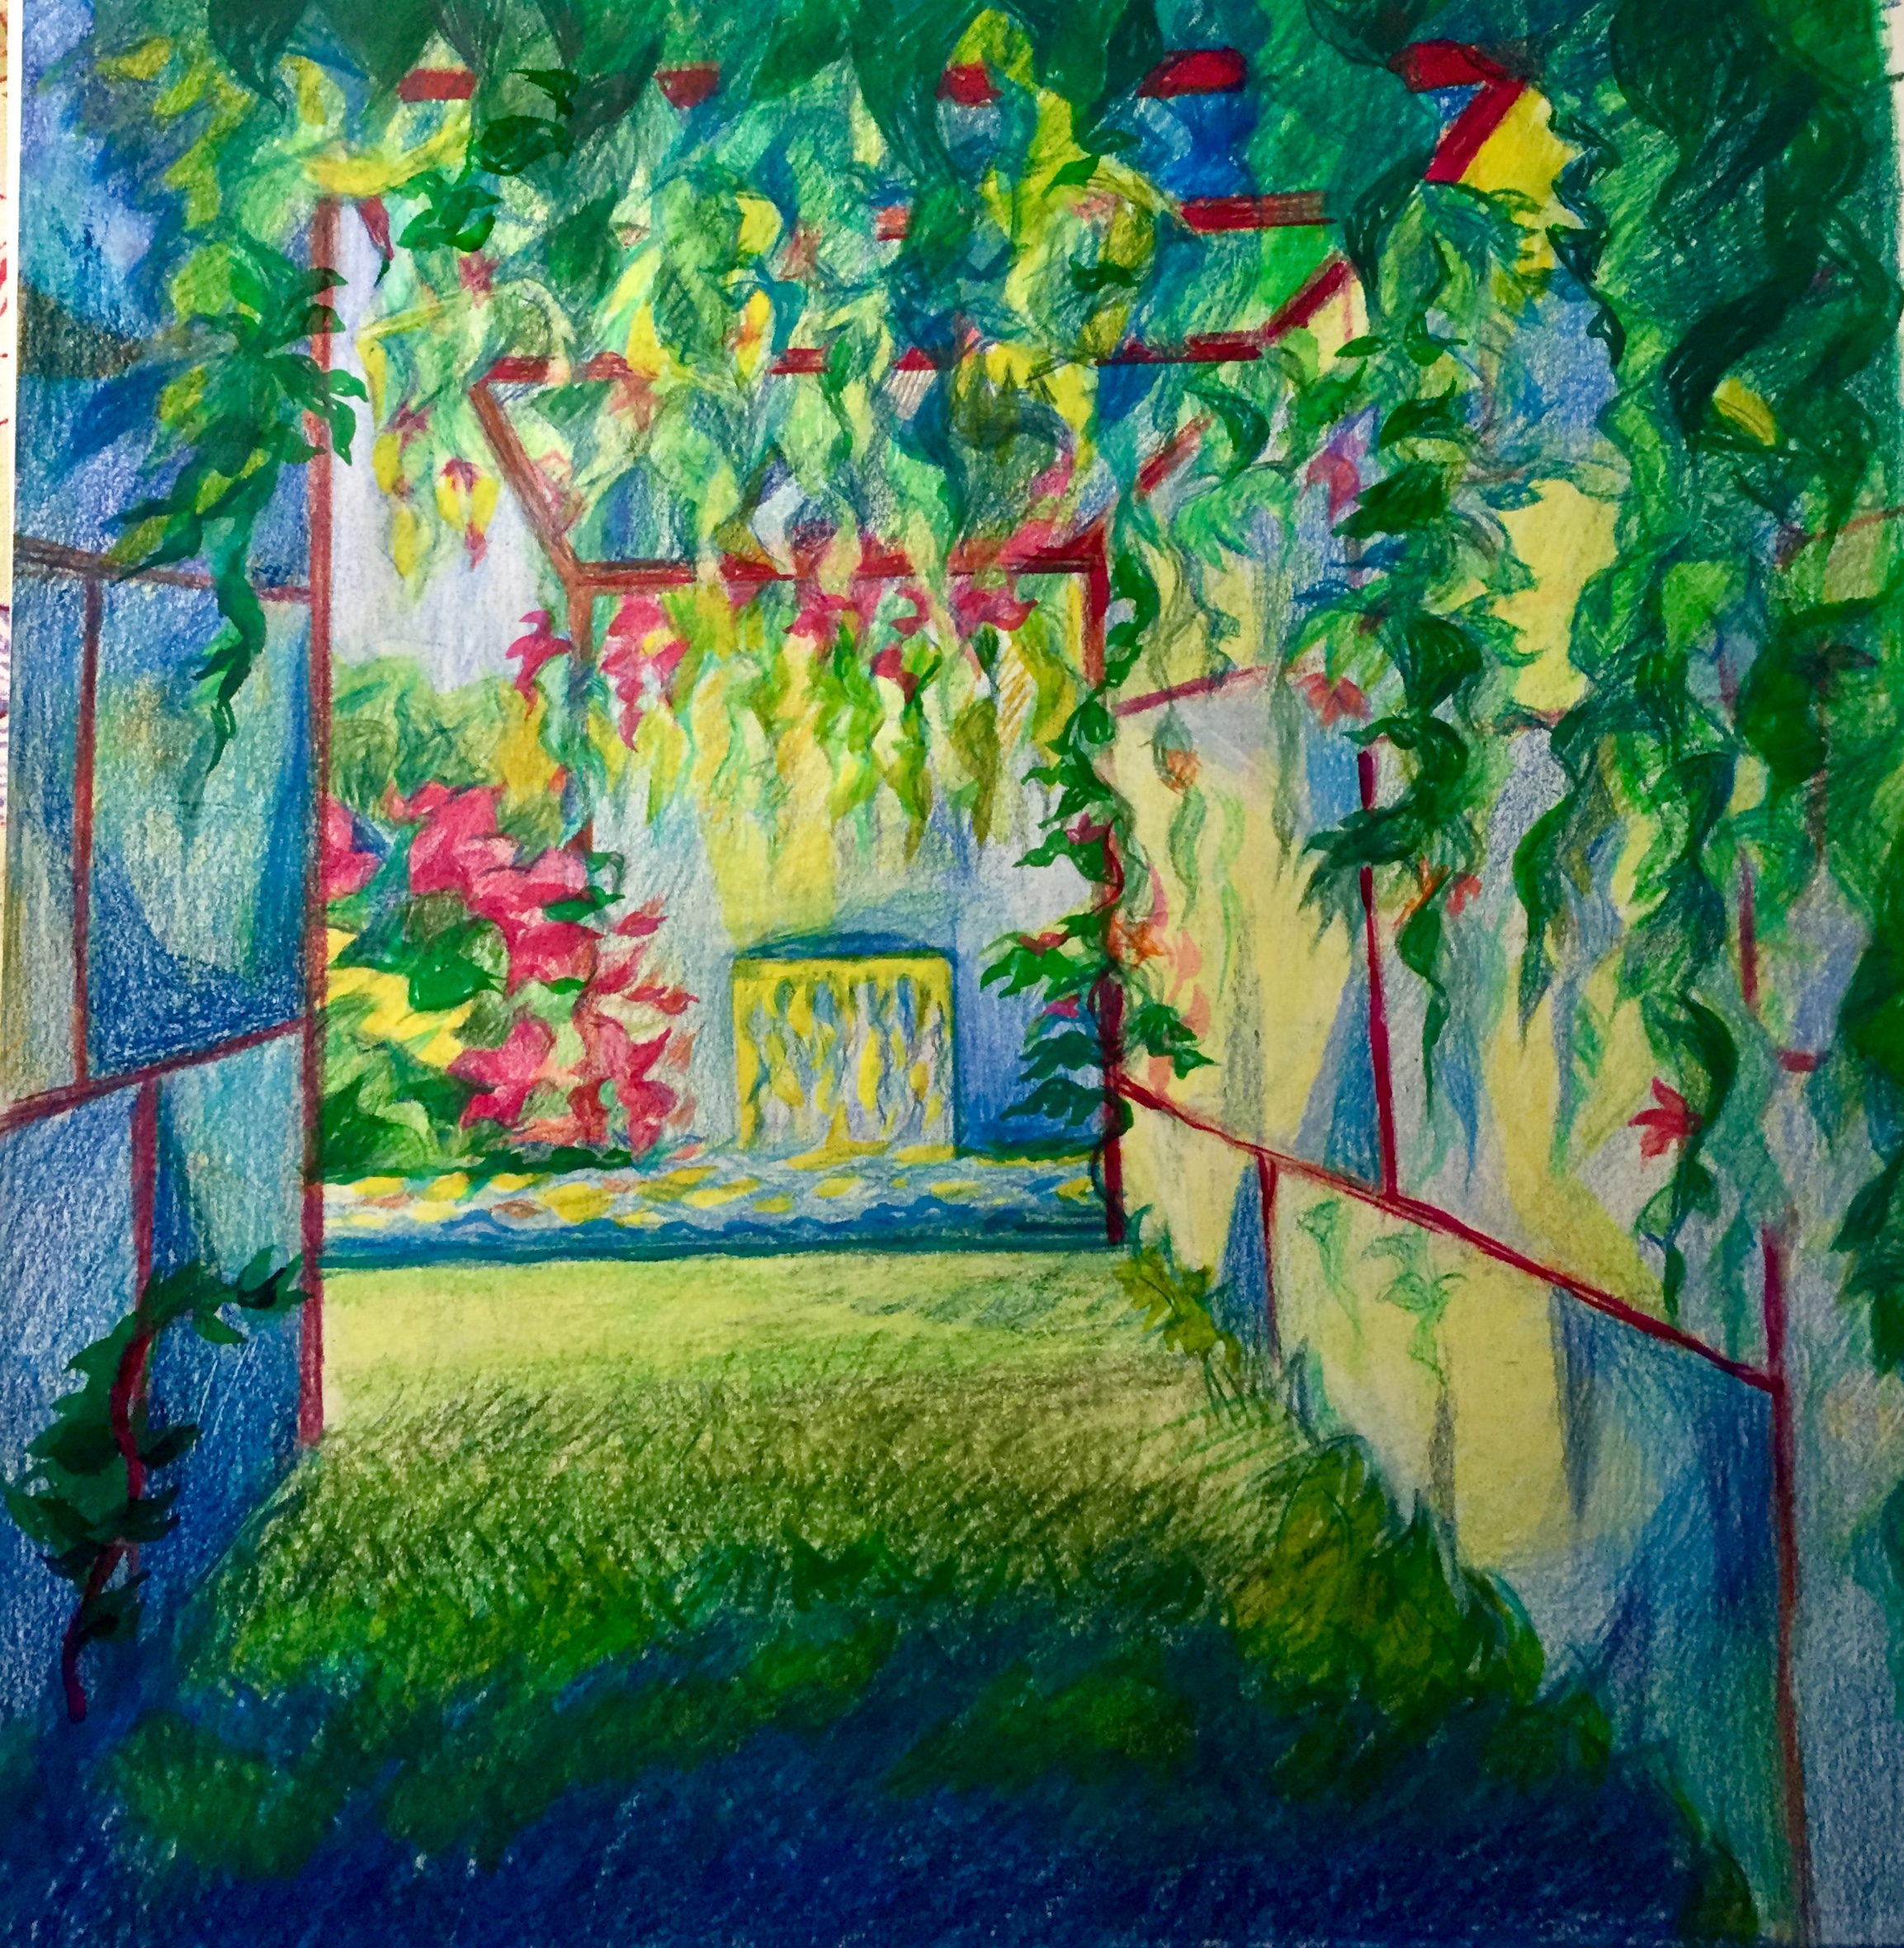 La porte du jardin d'Eden - Chaumont sur Loire